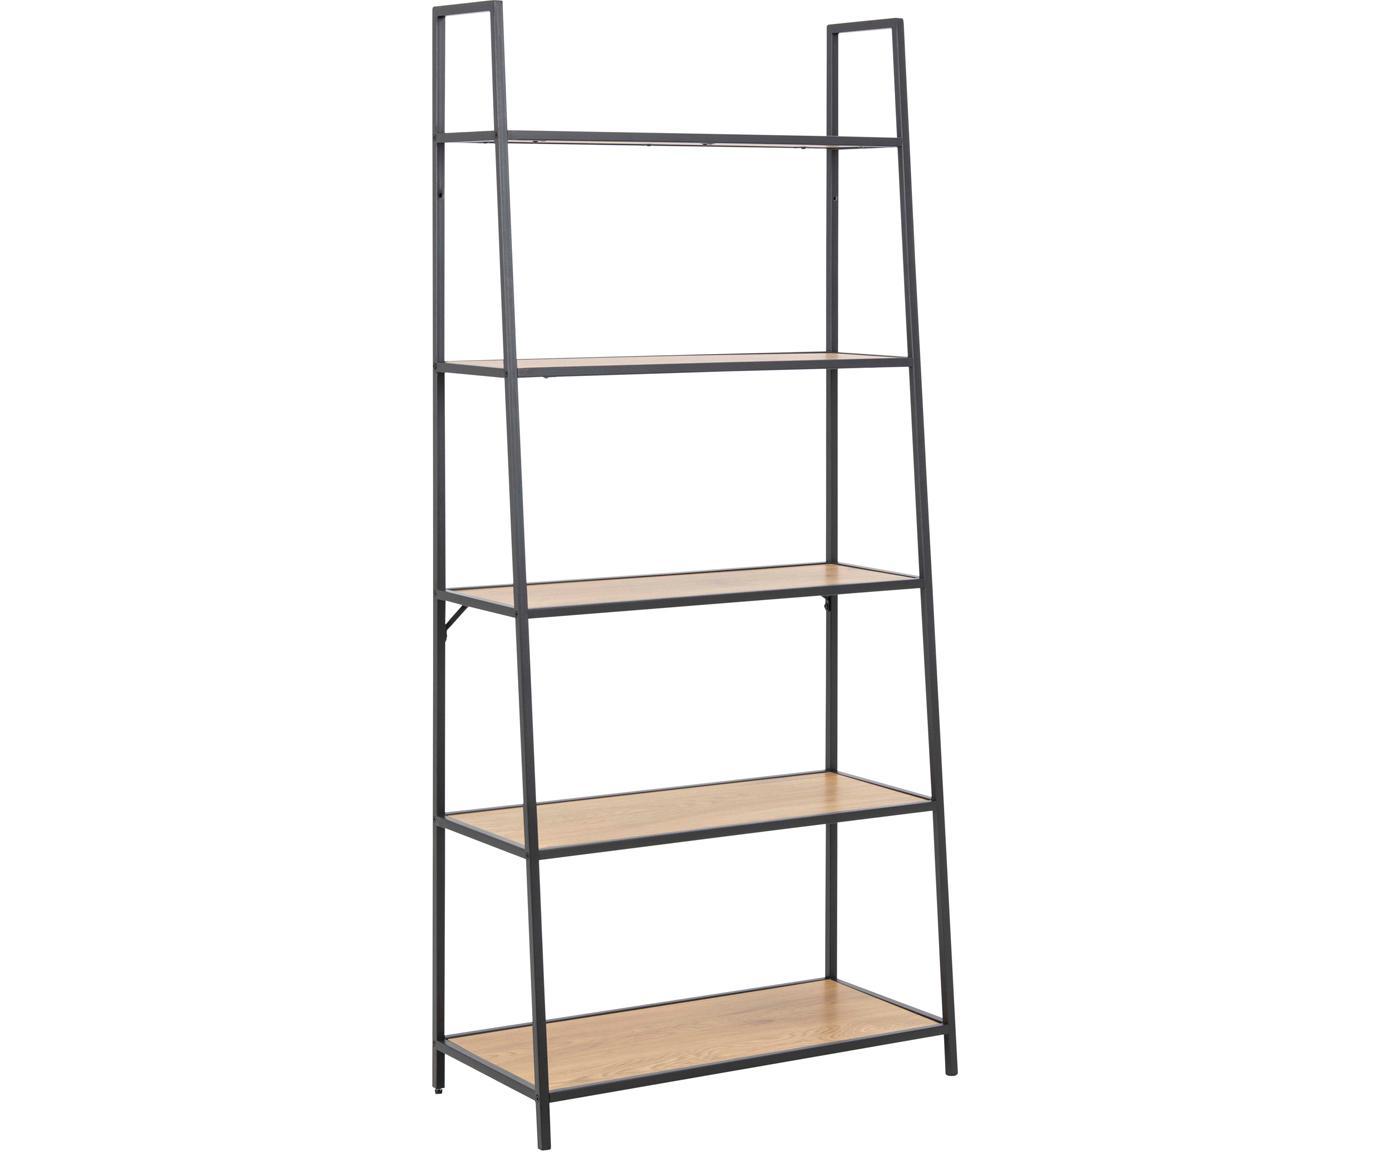 Libreria in legno e metallo Seaford, Ripiani: pannello di fibra a media, Struttura: metallo verniciato a polv, Nero, Larg. 77 x Alt. 175 cm